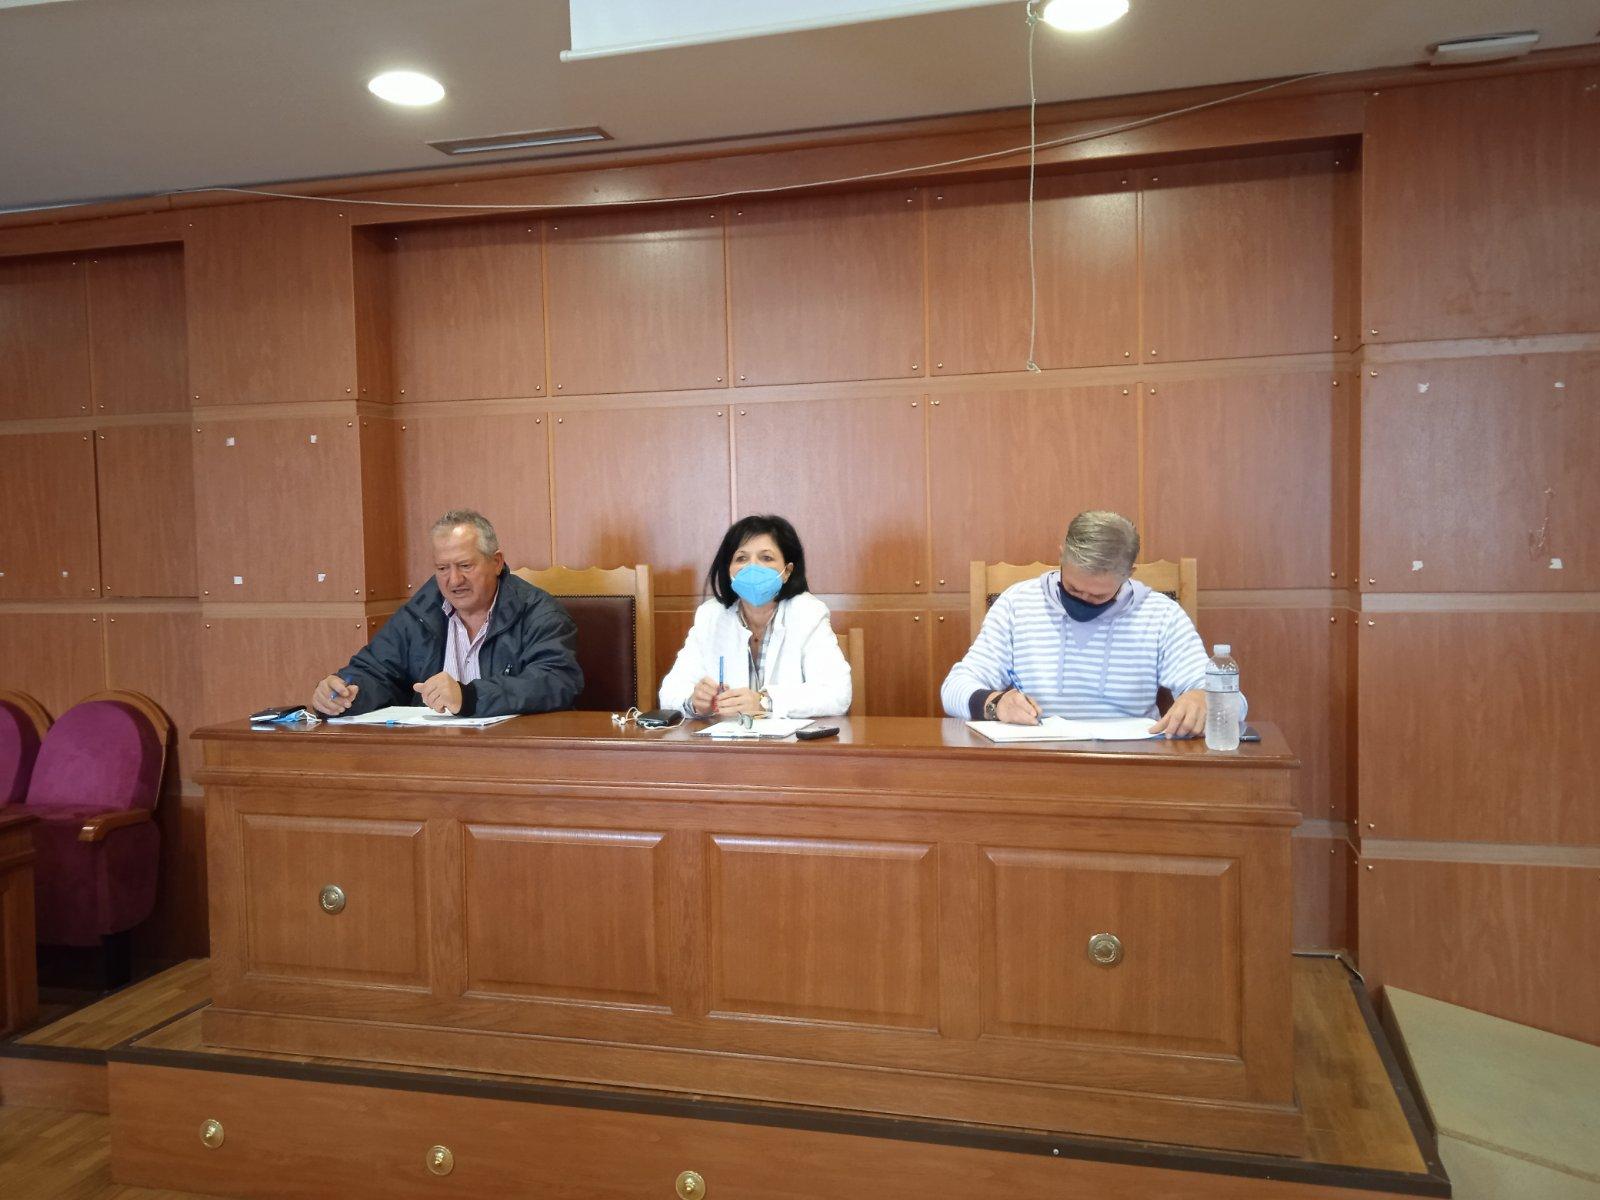 «Μπάλλος»: Συνεδρίασε το Συντονιστικό Πολιτικής Προστασίας της Π.Ε. Αιτωλοακαρνανίας